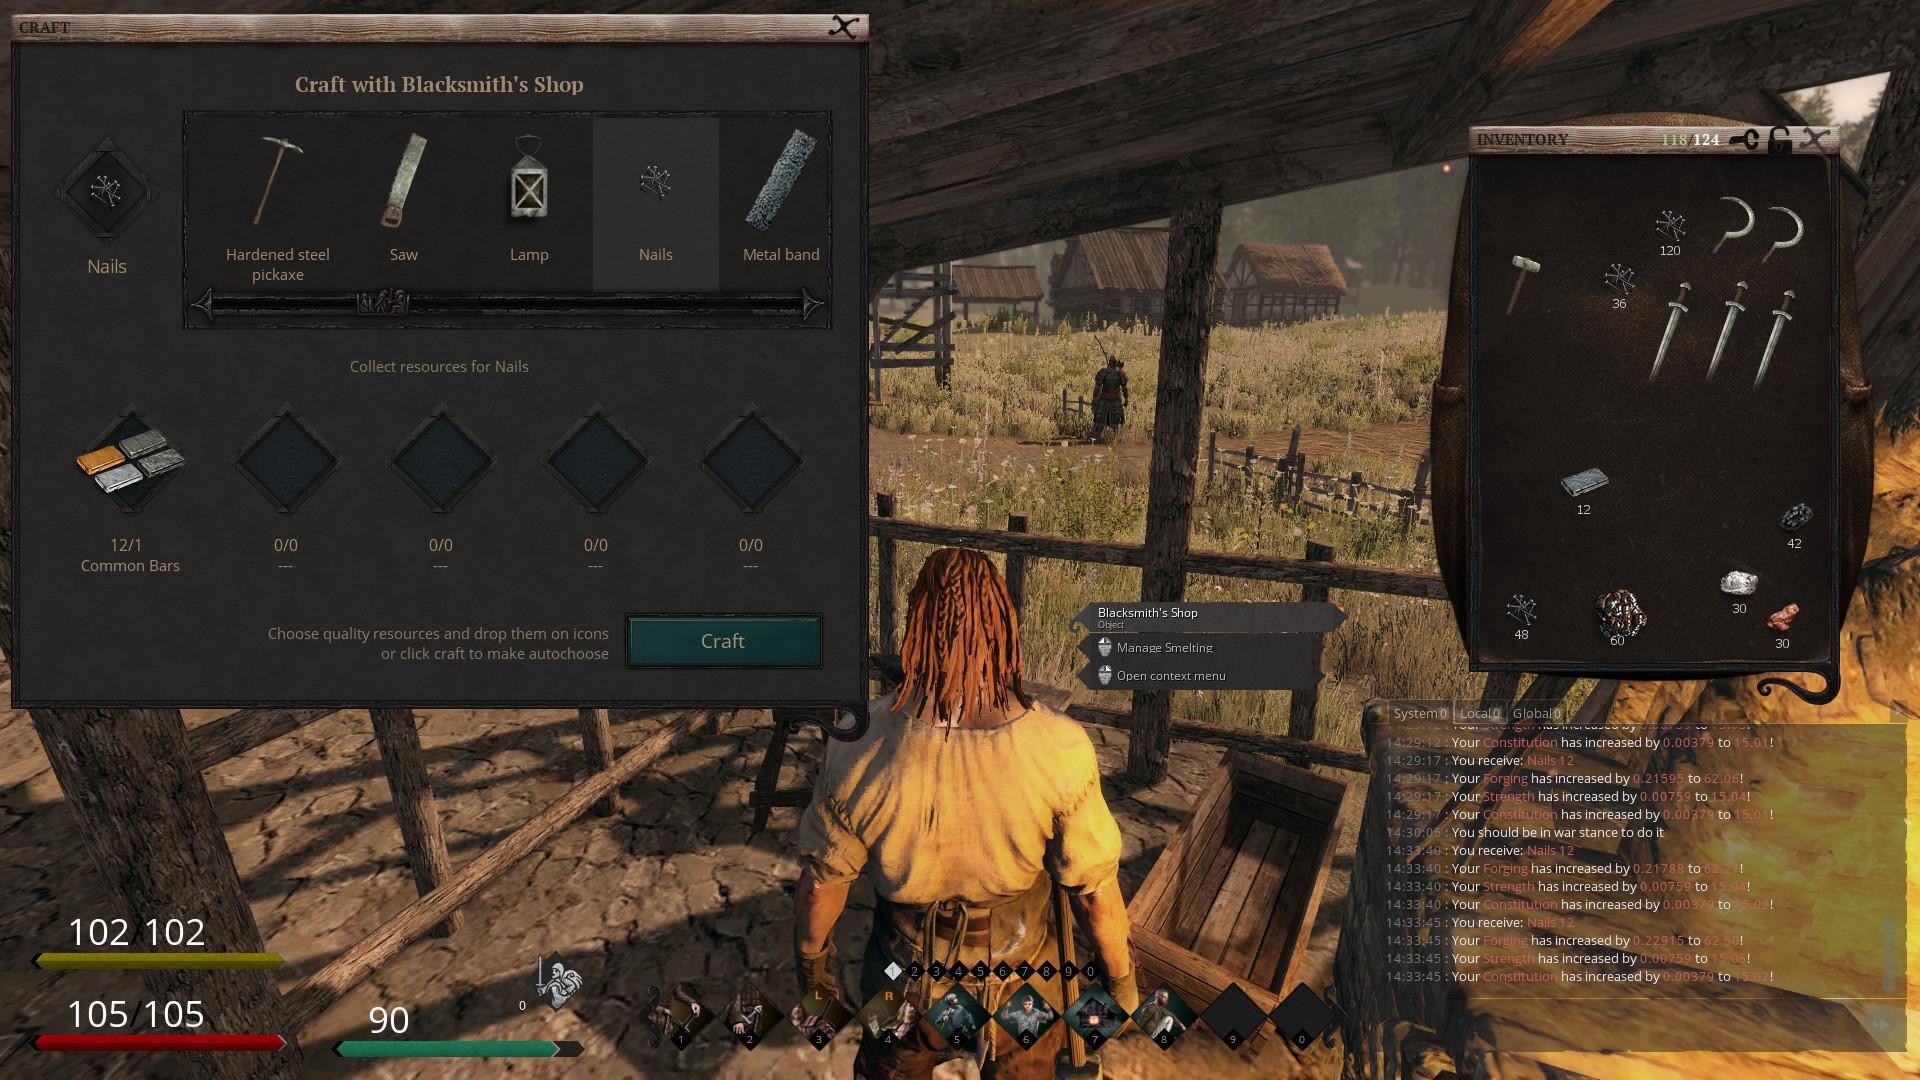 Life is feudal стим бесплатно ролевая онлайн игра виртуальная жизнь